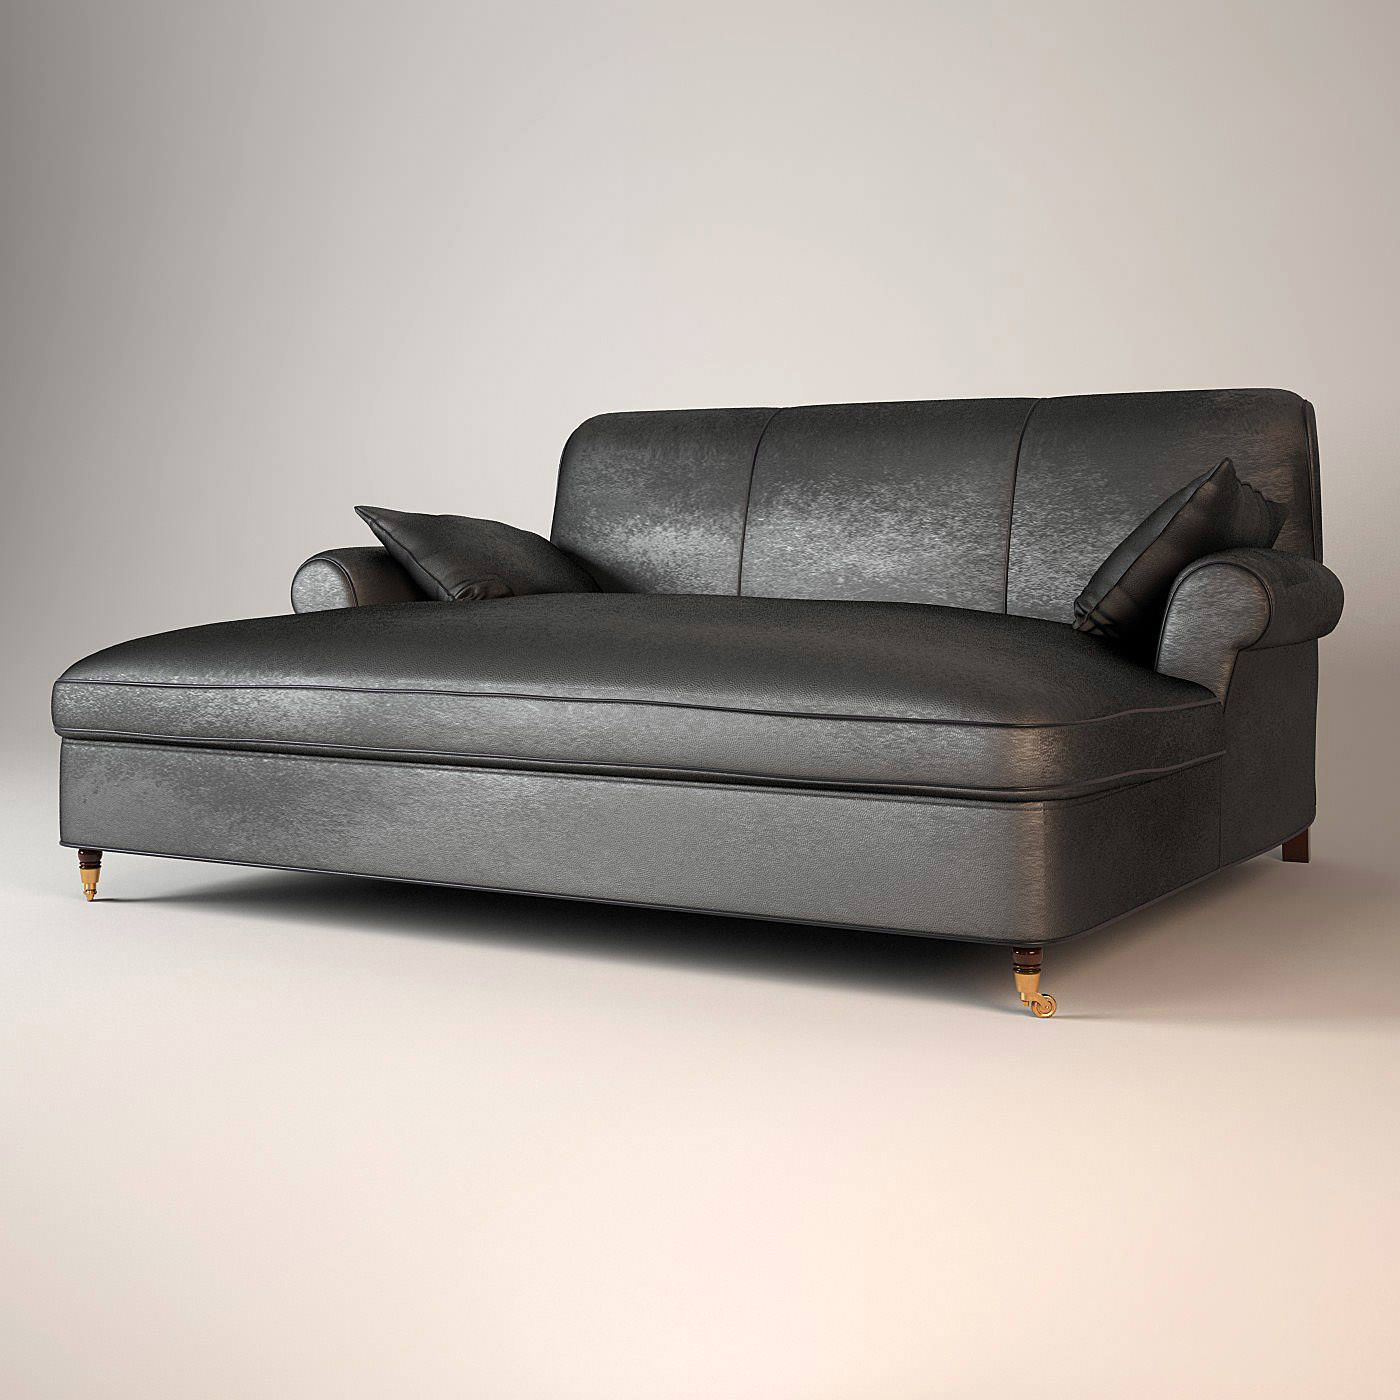 baxter sofa charlotte dormeuse 3d model max obj. Black Bedroom Furniture Sets. Home Design Ideas